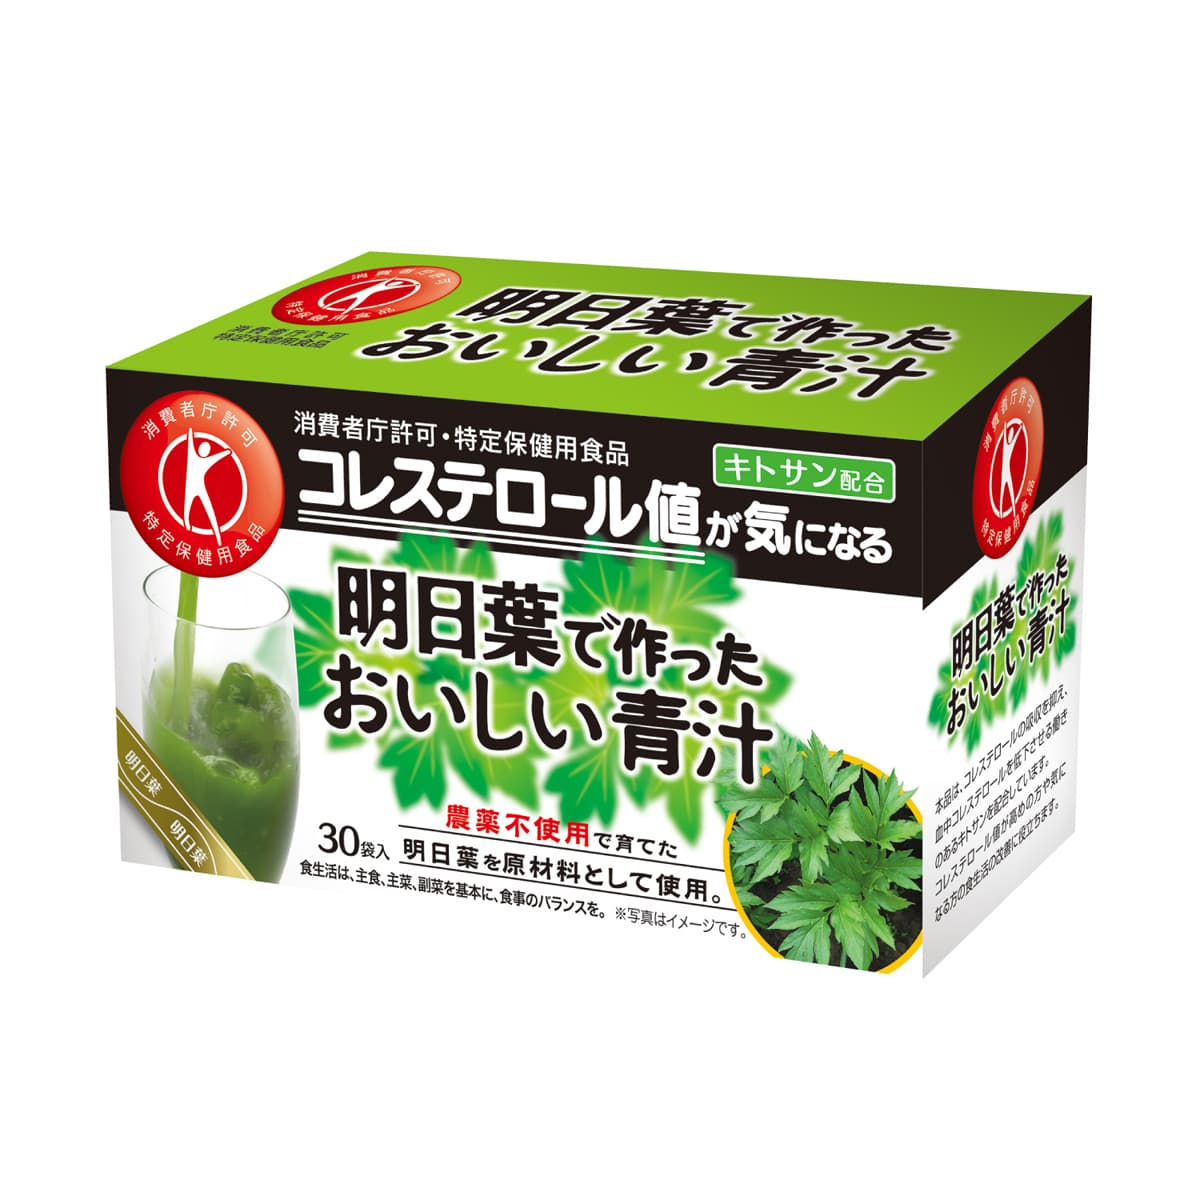 明日葉で作ったおいしい青汁【6箱セット】